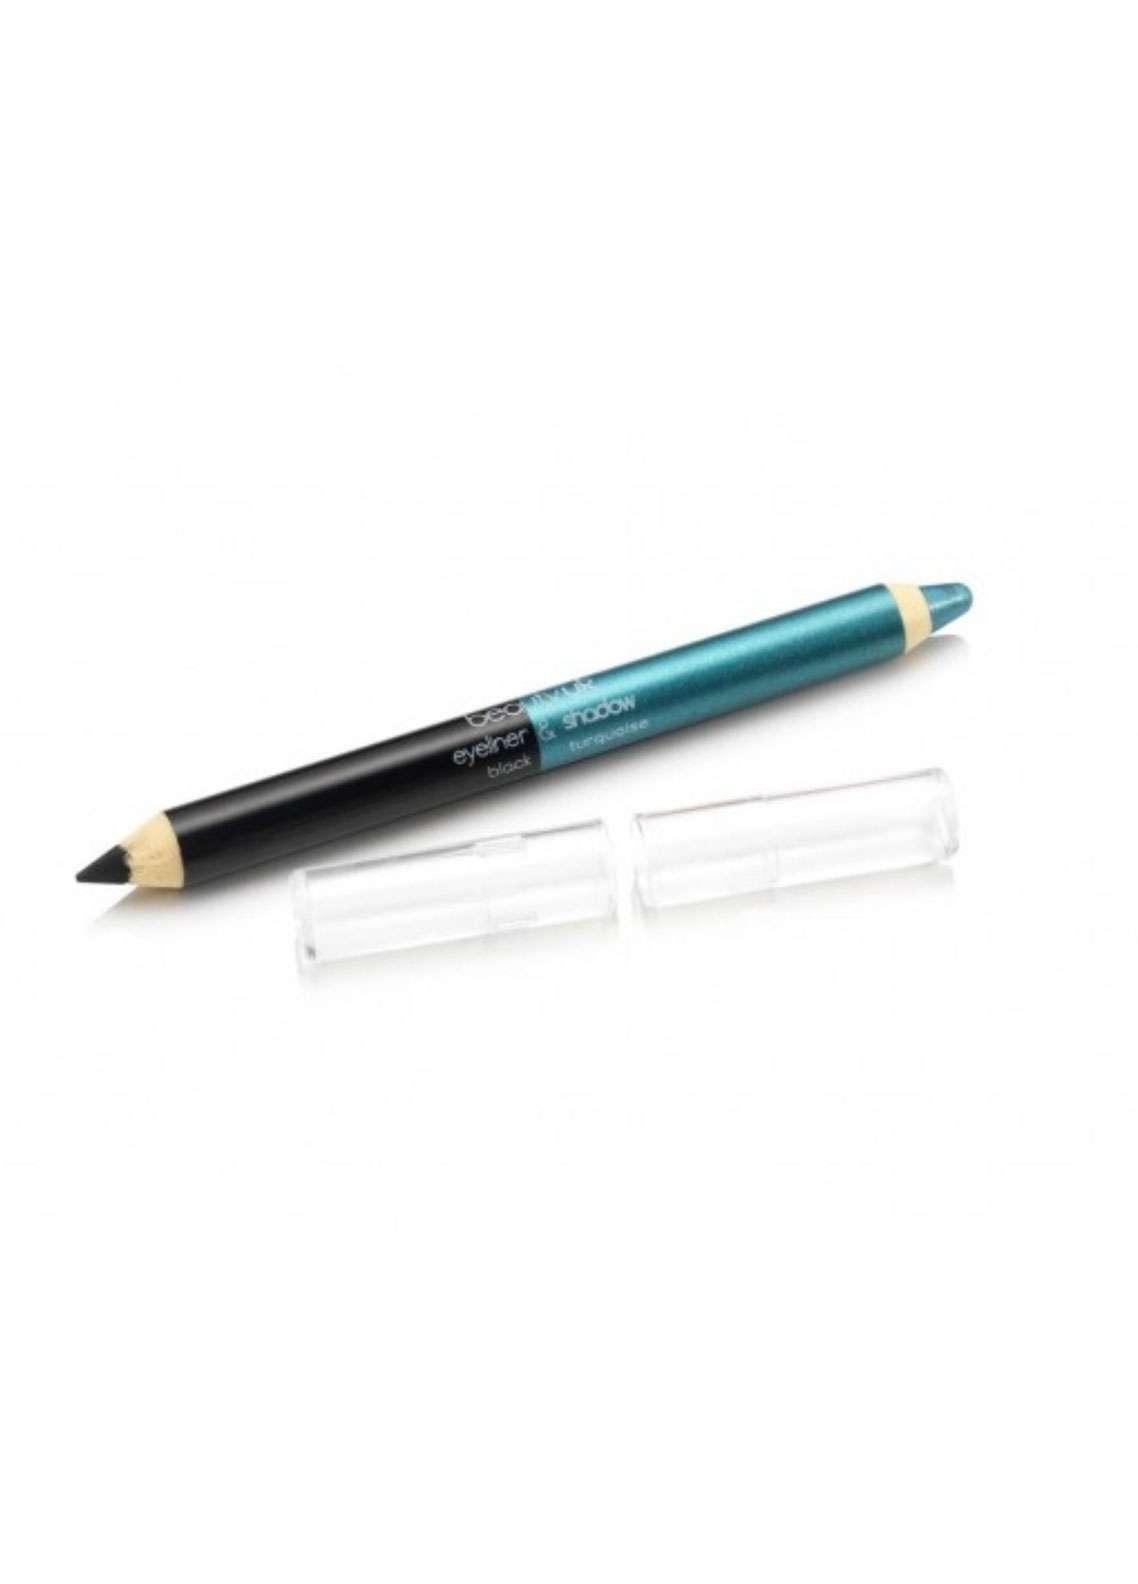 Beauty UK Jumbo Eye Liner & Eye Shadow Pencil - Black & Turquoise